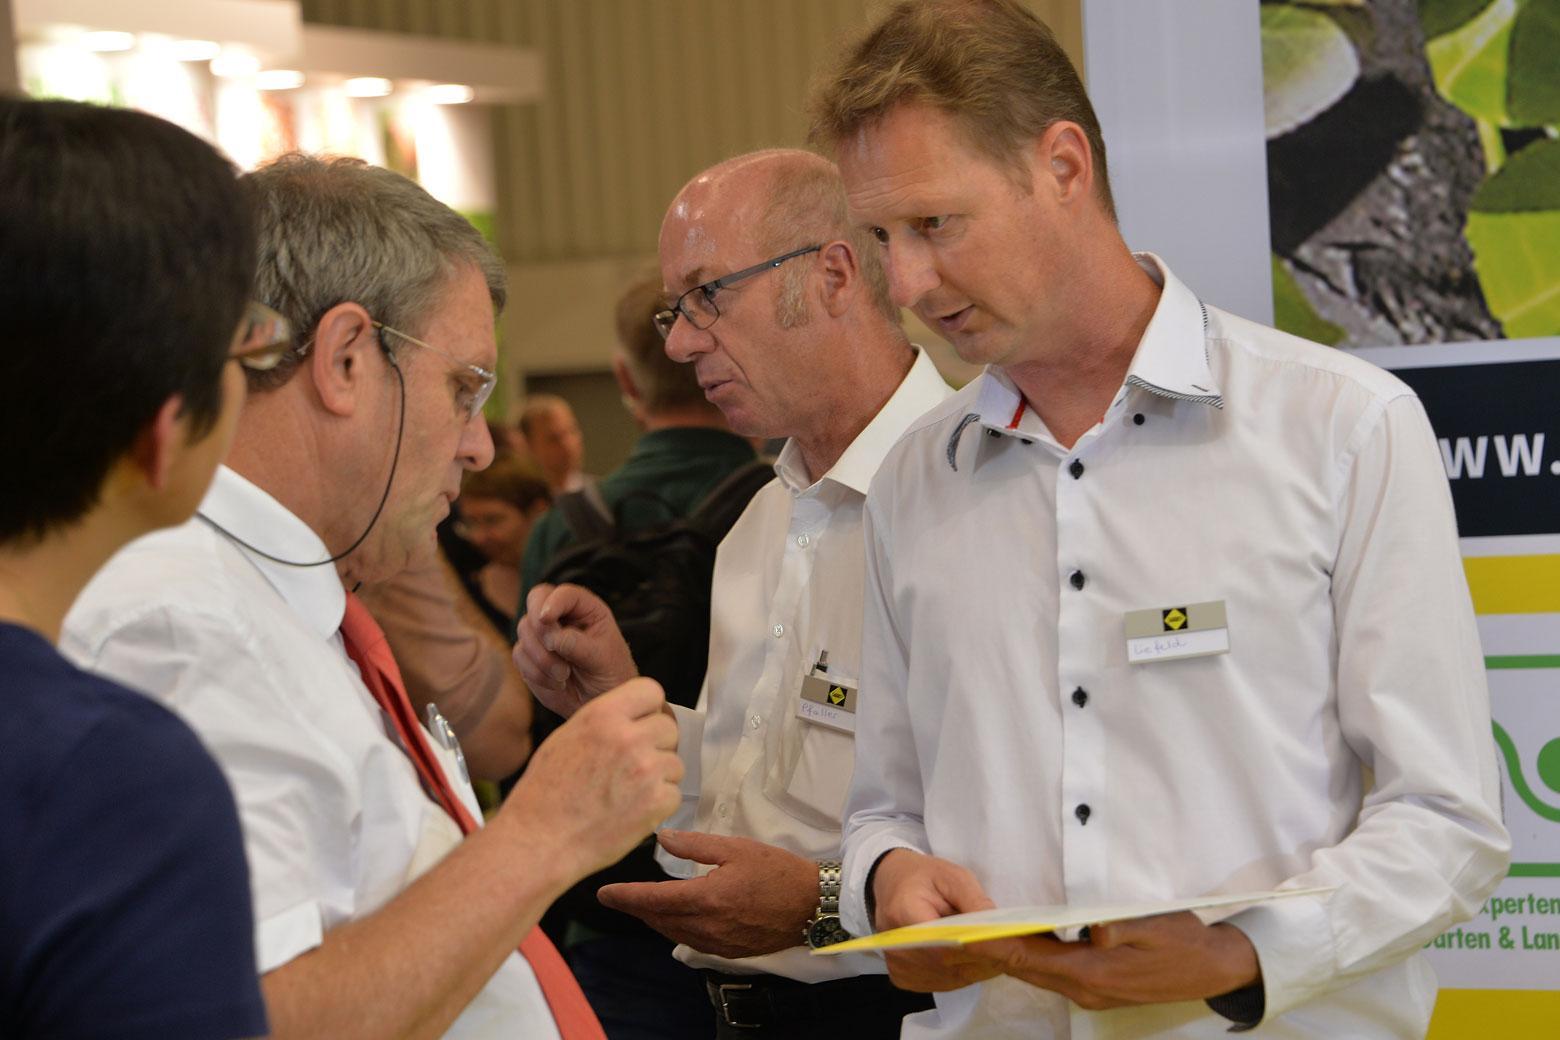 Wegebau-Experten von SAKRET unterstützen GalaBau-Betriebe mit fundierten Informationen über geeignete Produkte und Systeme.